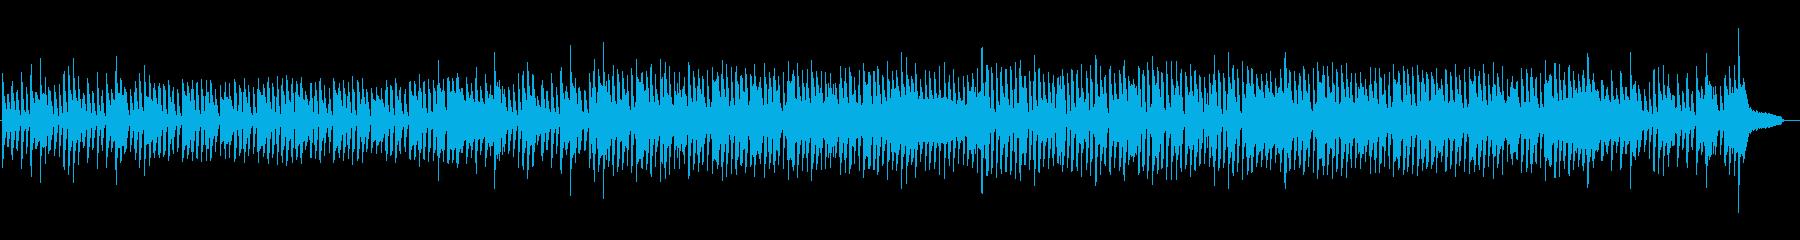 口笛メロディのほのぼのコーポレートBGMの再生済みの波形